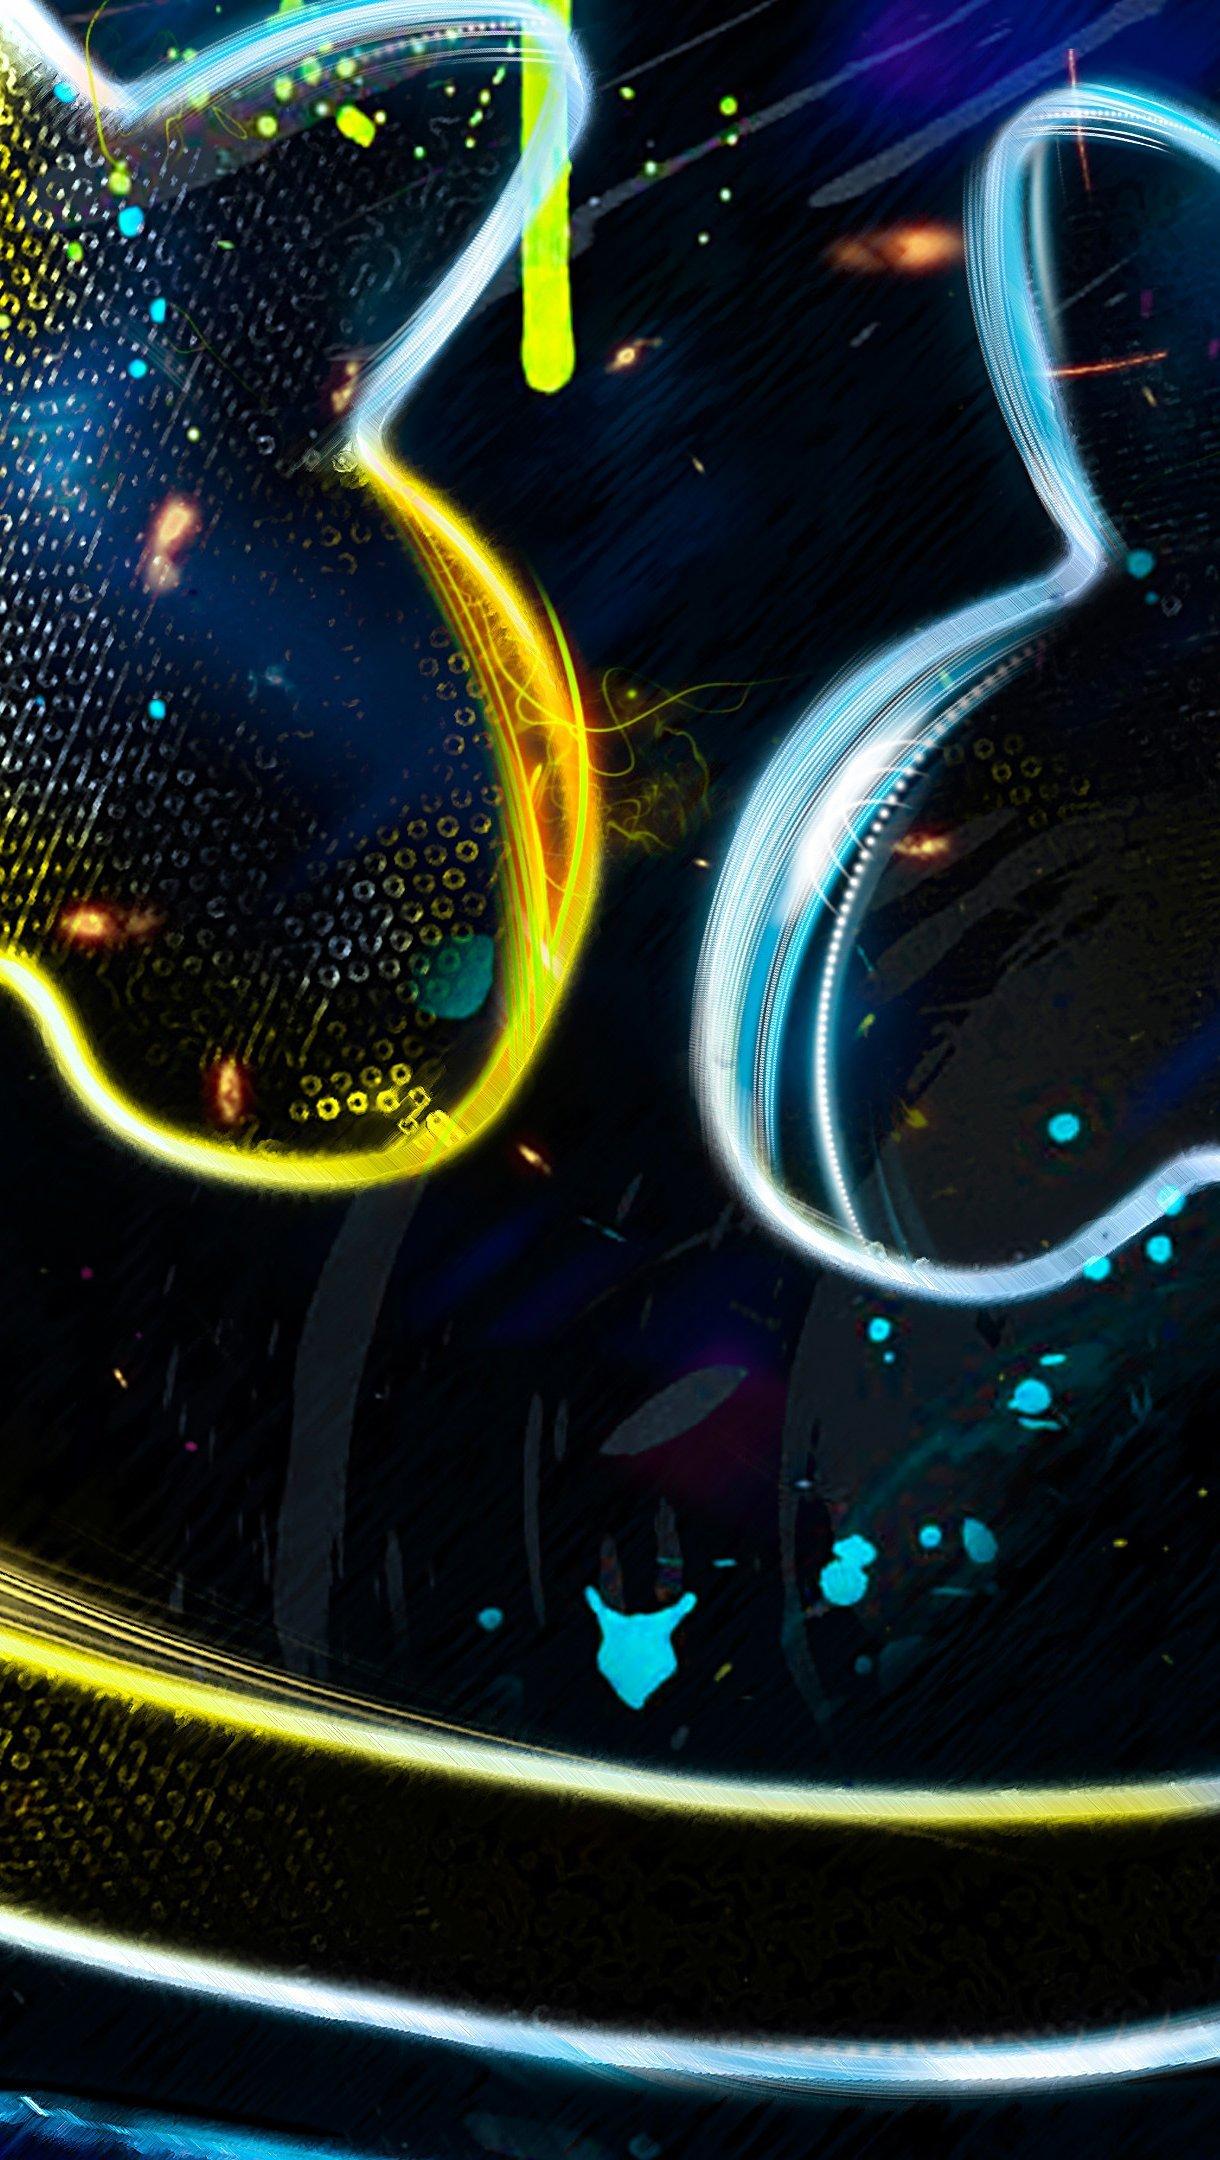 Fondos de pantalla DJ Marshmello Colores Neón Vertical